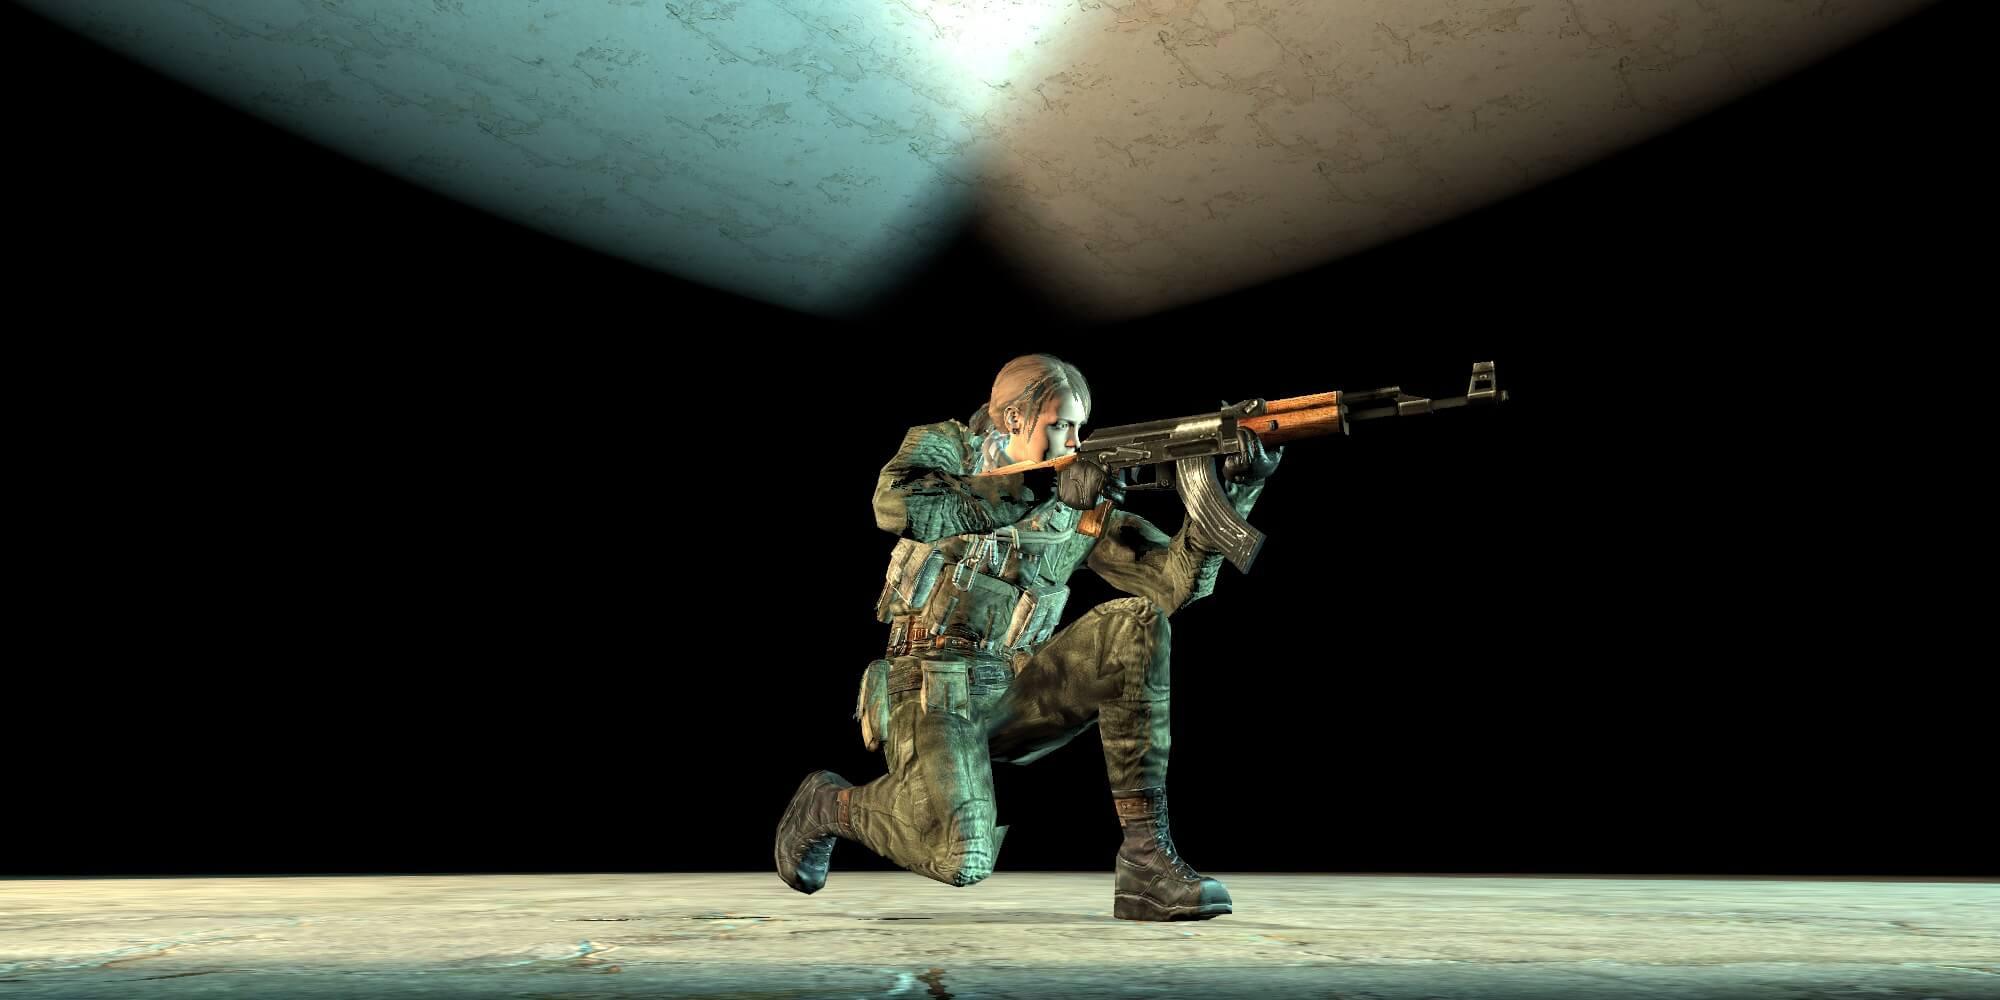 Garry's Mod 13 - Молчунья из MGS V - Сталкер (модель игрока)